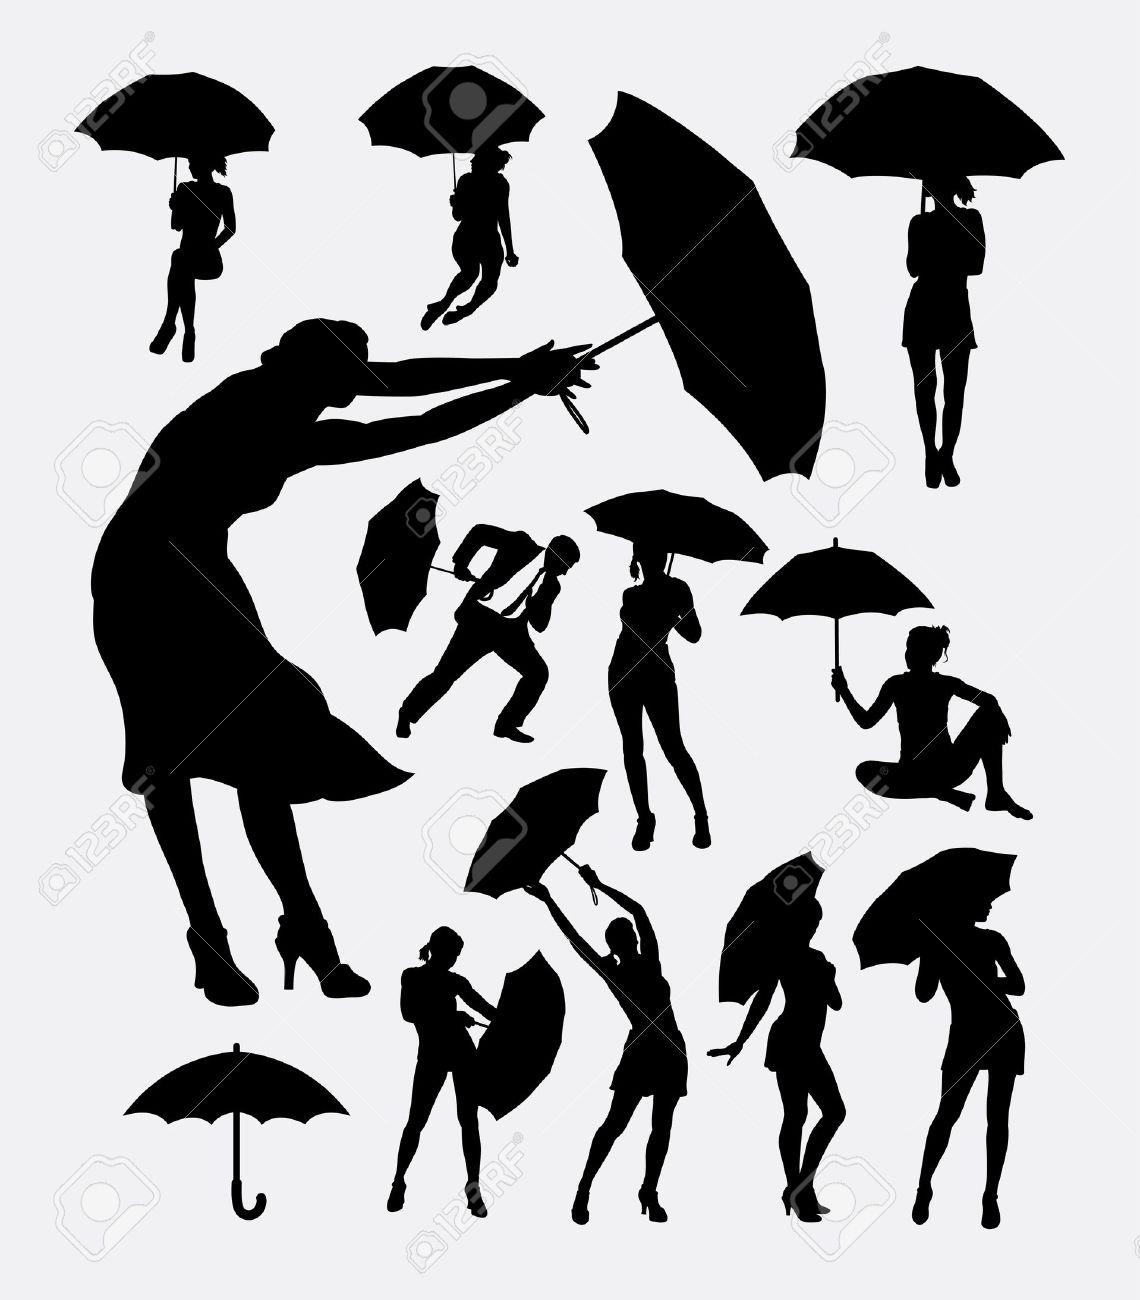 Las Personas Con La Silueta De La Acción Paraguas. Buen Uso De ...